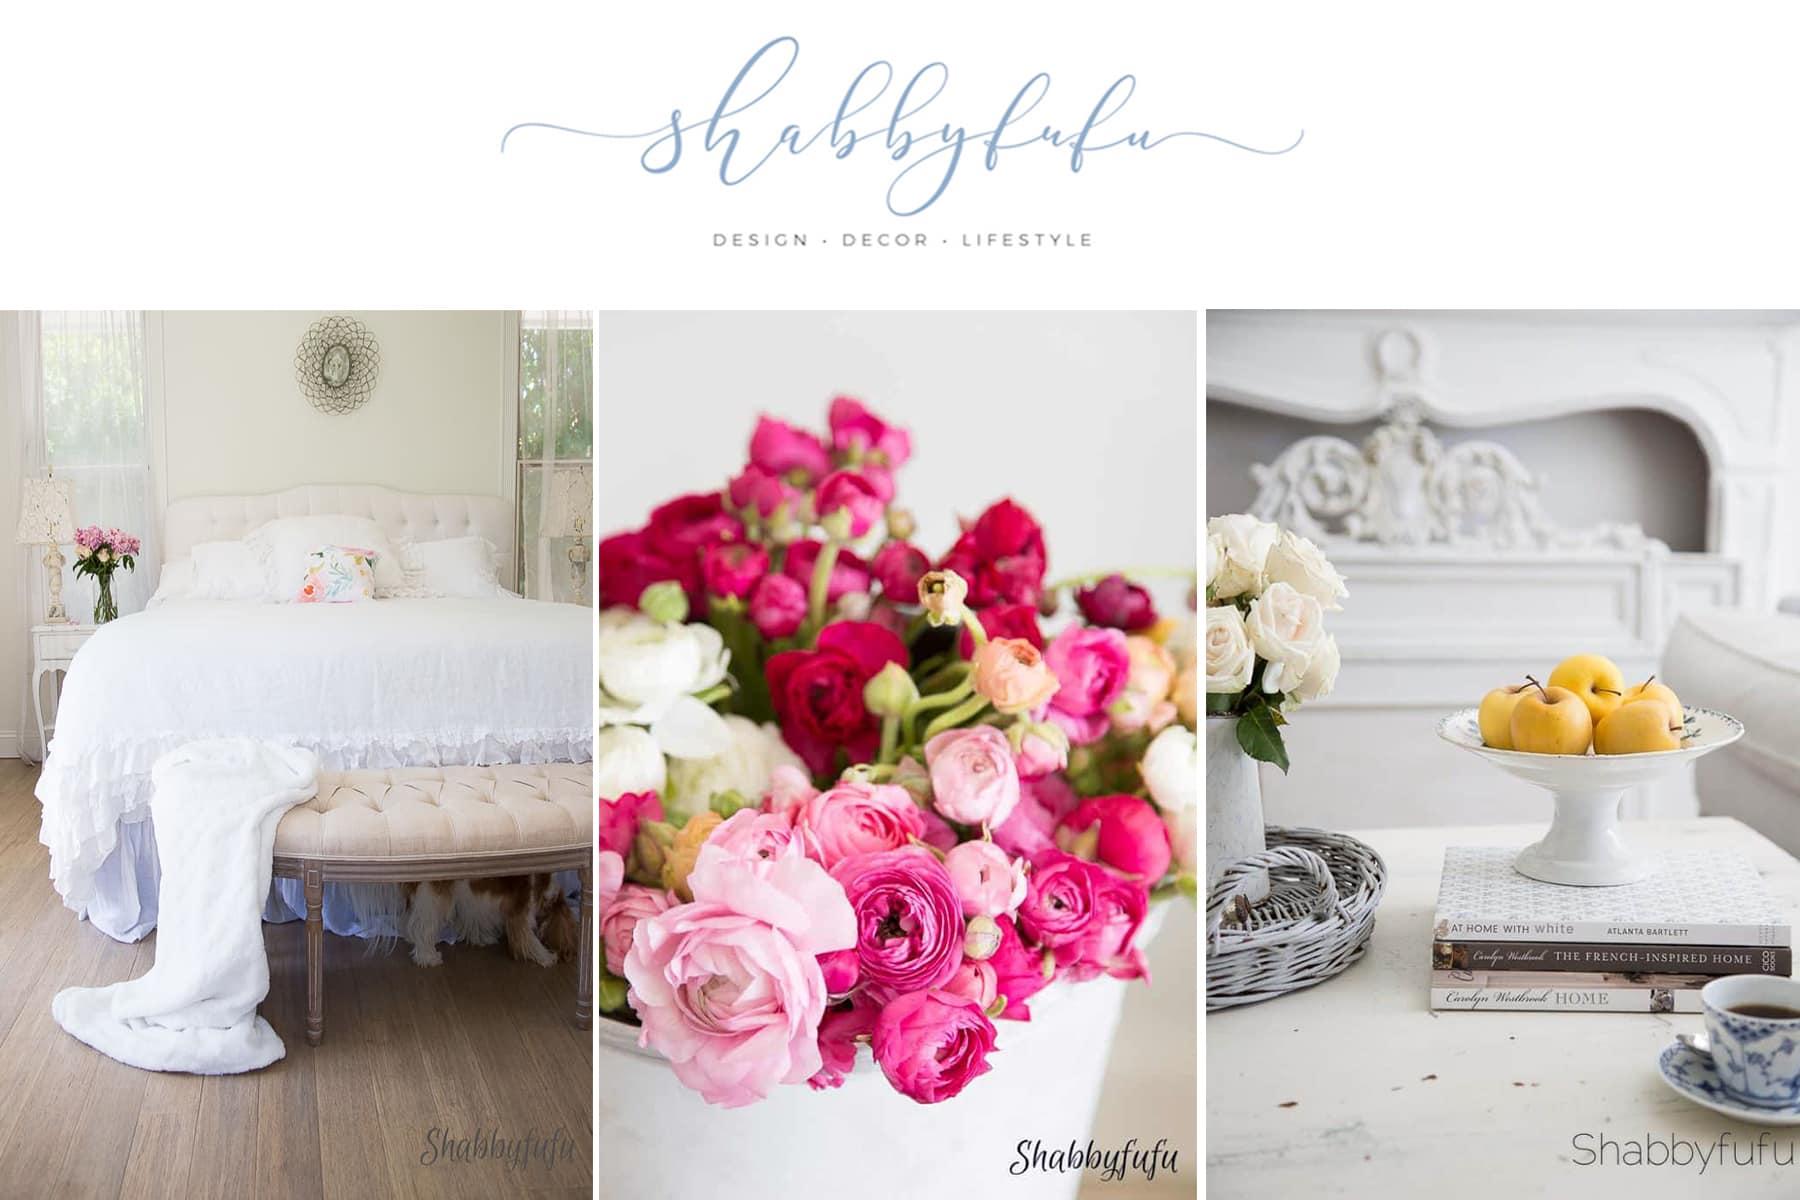 Style Showcase 38 - Shabbyfufu